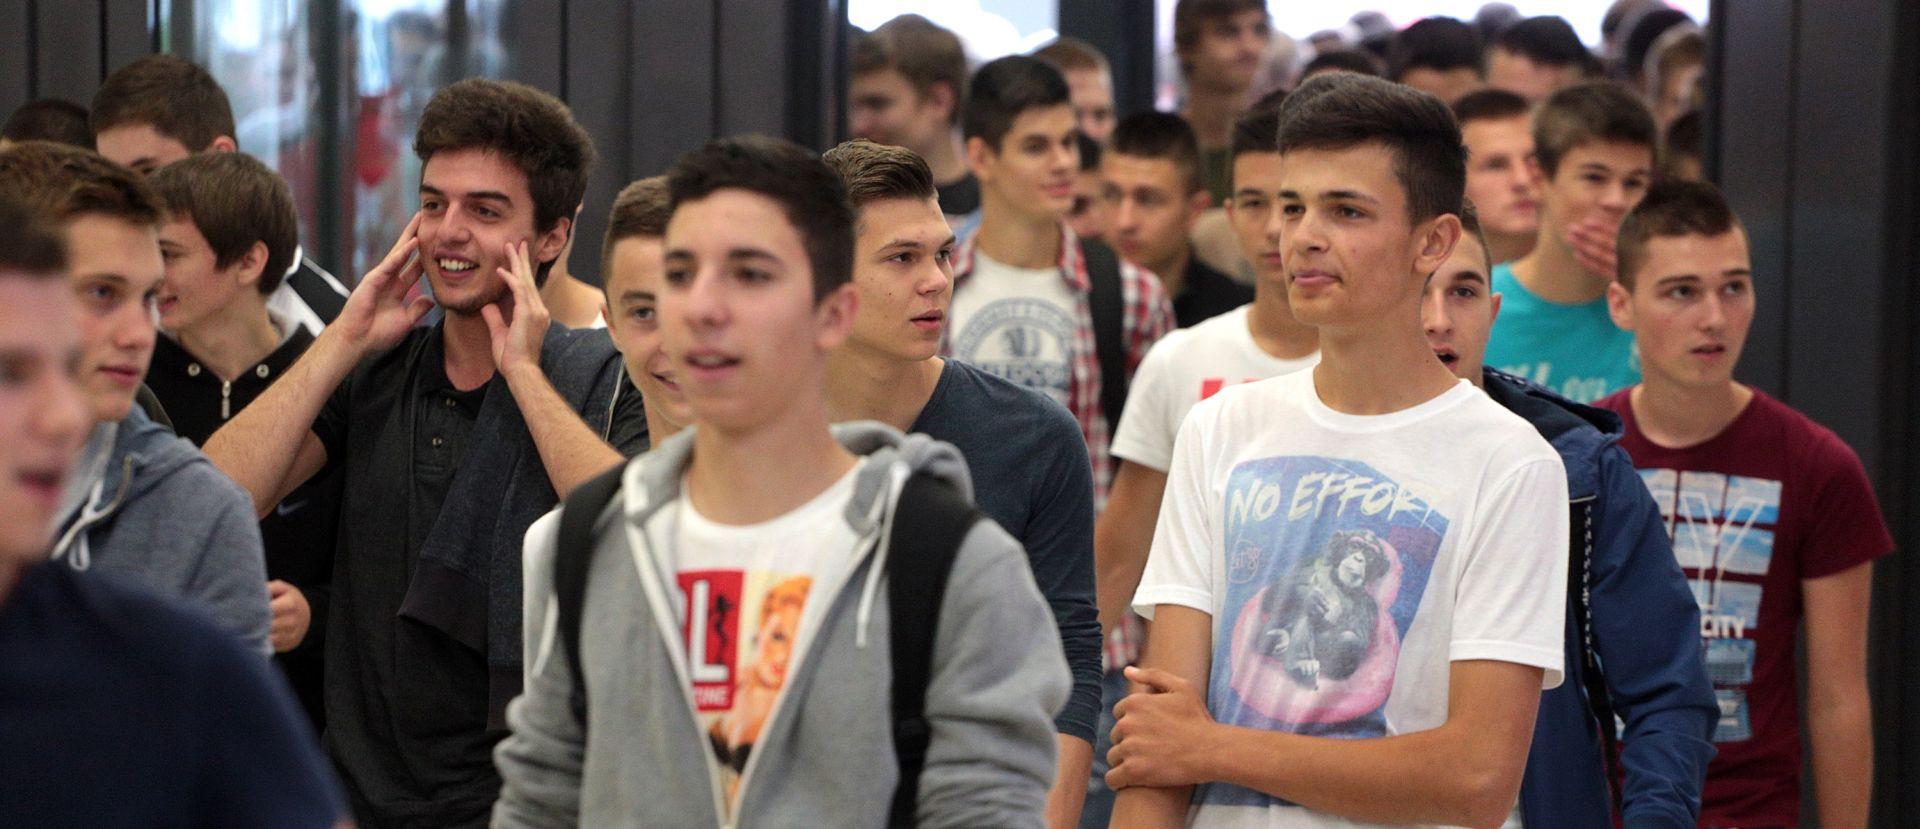 KOMPLICIRANA ADMINISTRACIJA Novi pravilnik otežava kažnjavanje u školama